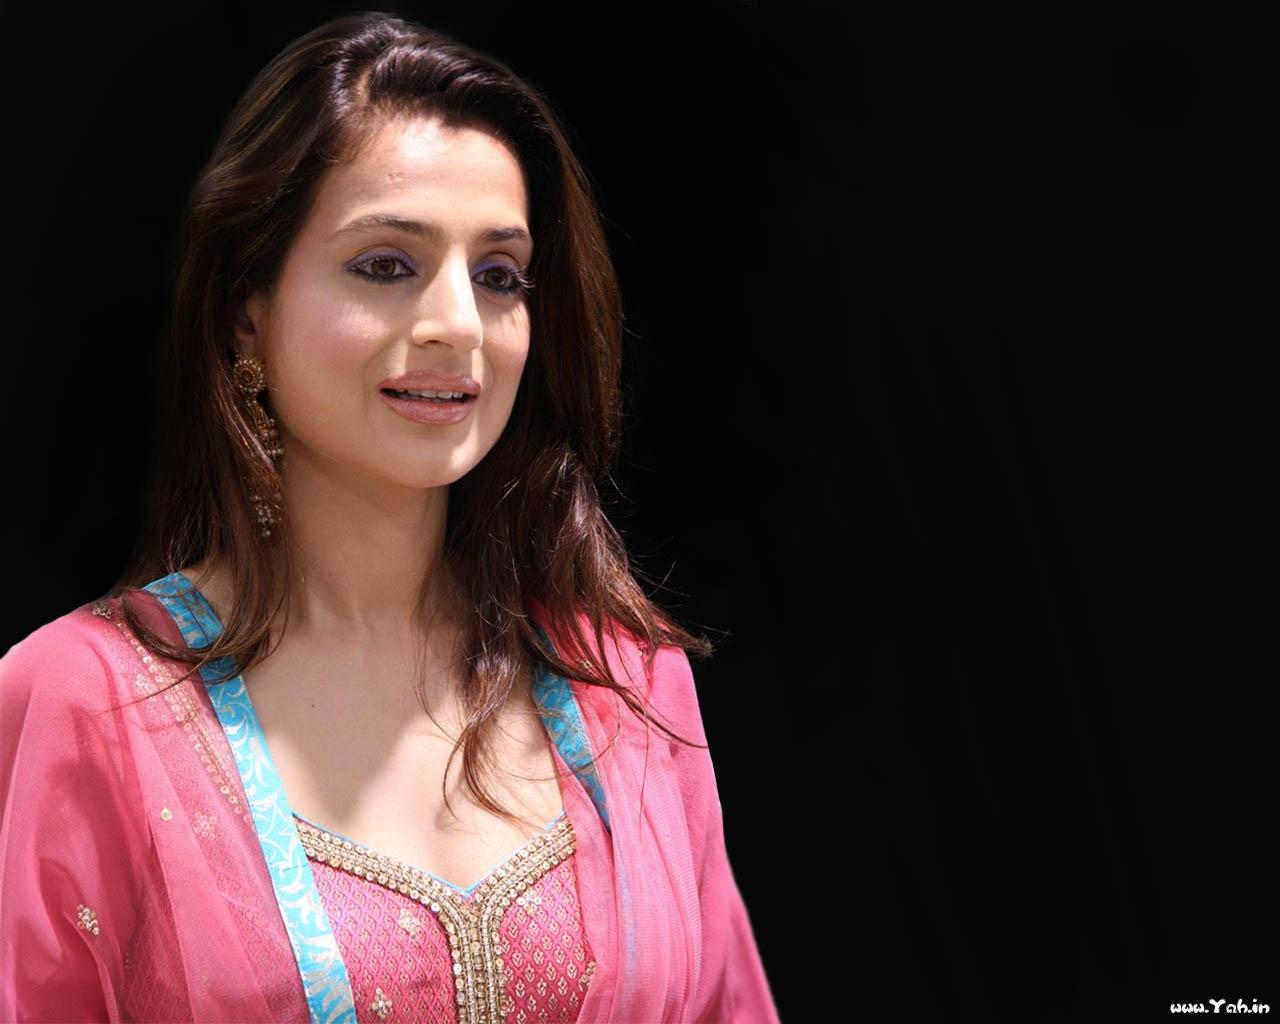 Patel Bollywood Actress Wallpapers SantaBanta Hungama Wallpapers 1280x1024